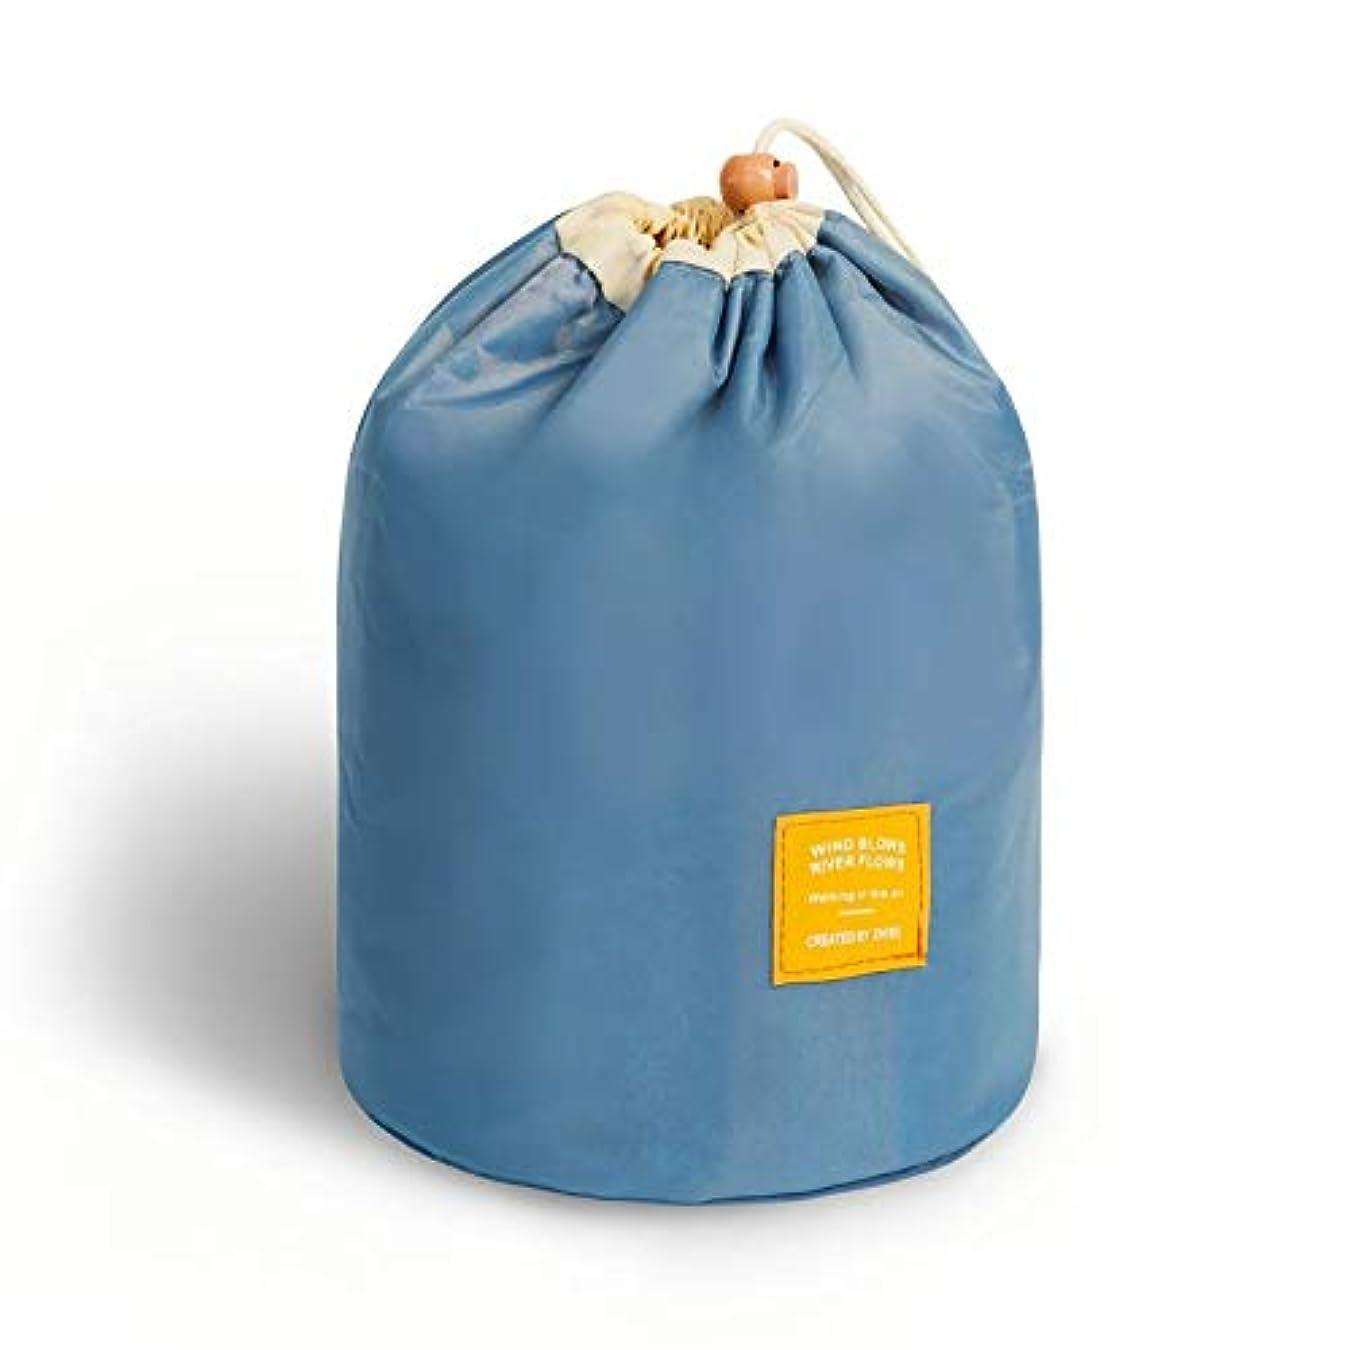 十分ではないメキシコ以降巾着袋 大容量 防水 防塵 化粧ポーチ 収納 コップ袋 円筒 ミニポーチ+PVCブラシバッグ付き (ブルー)